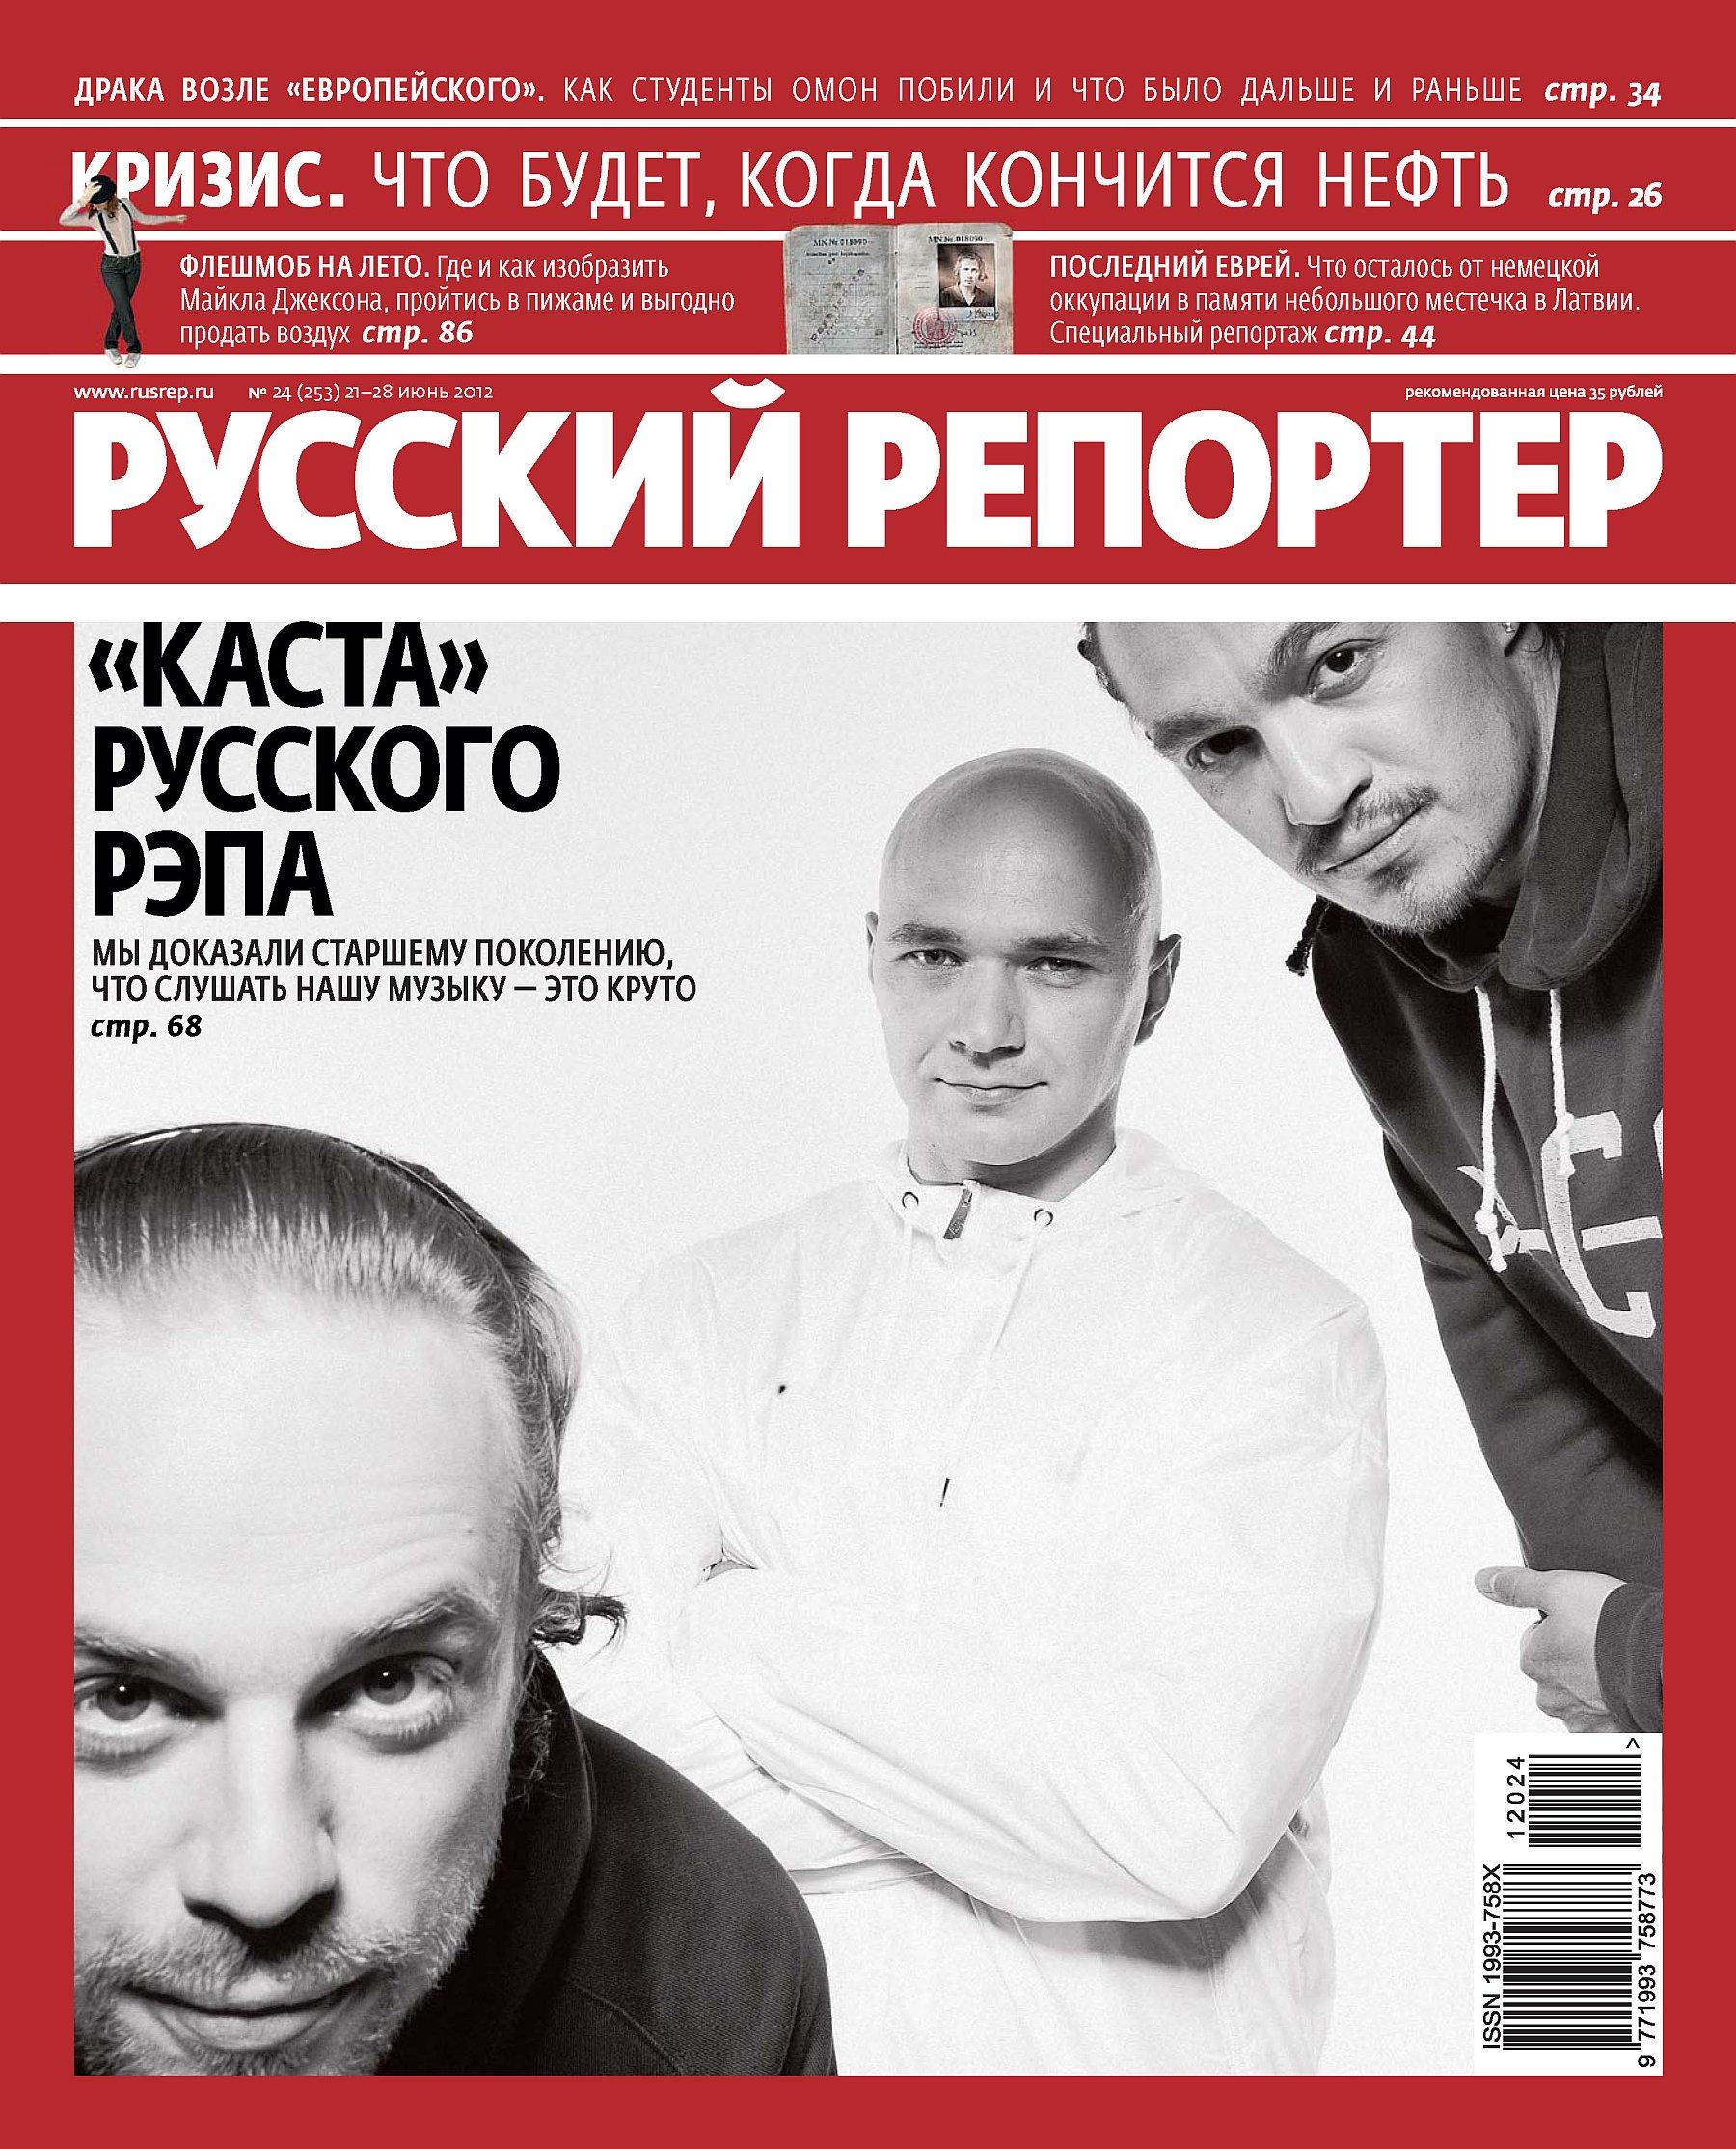 Фото - Отсутствует Русский Репортер №24/2012 отсутствует русский репортер 15 2012